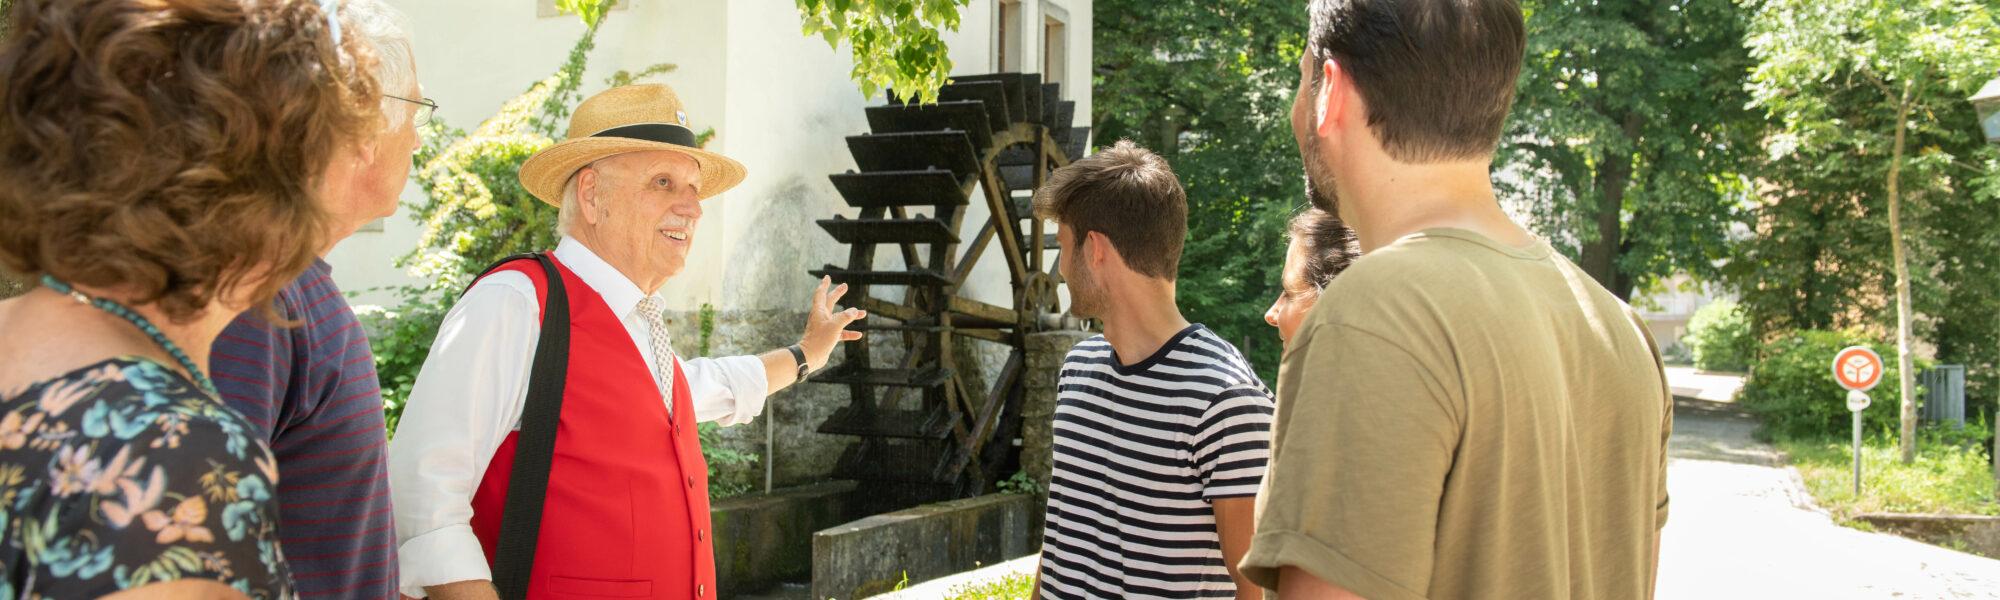 #ZeitsprungIndustrie: Führung zur Aarauer Industriegeschichte